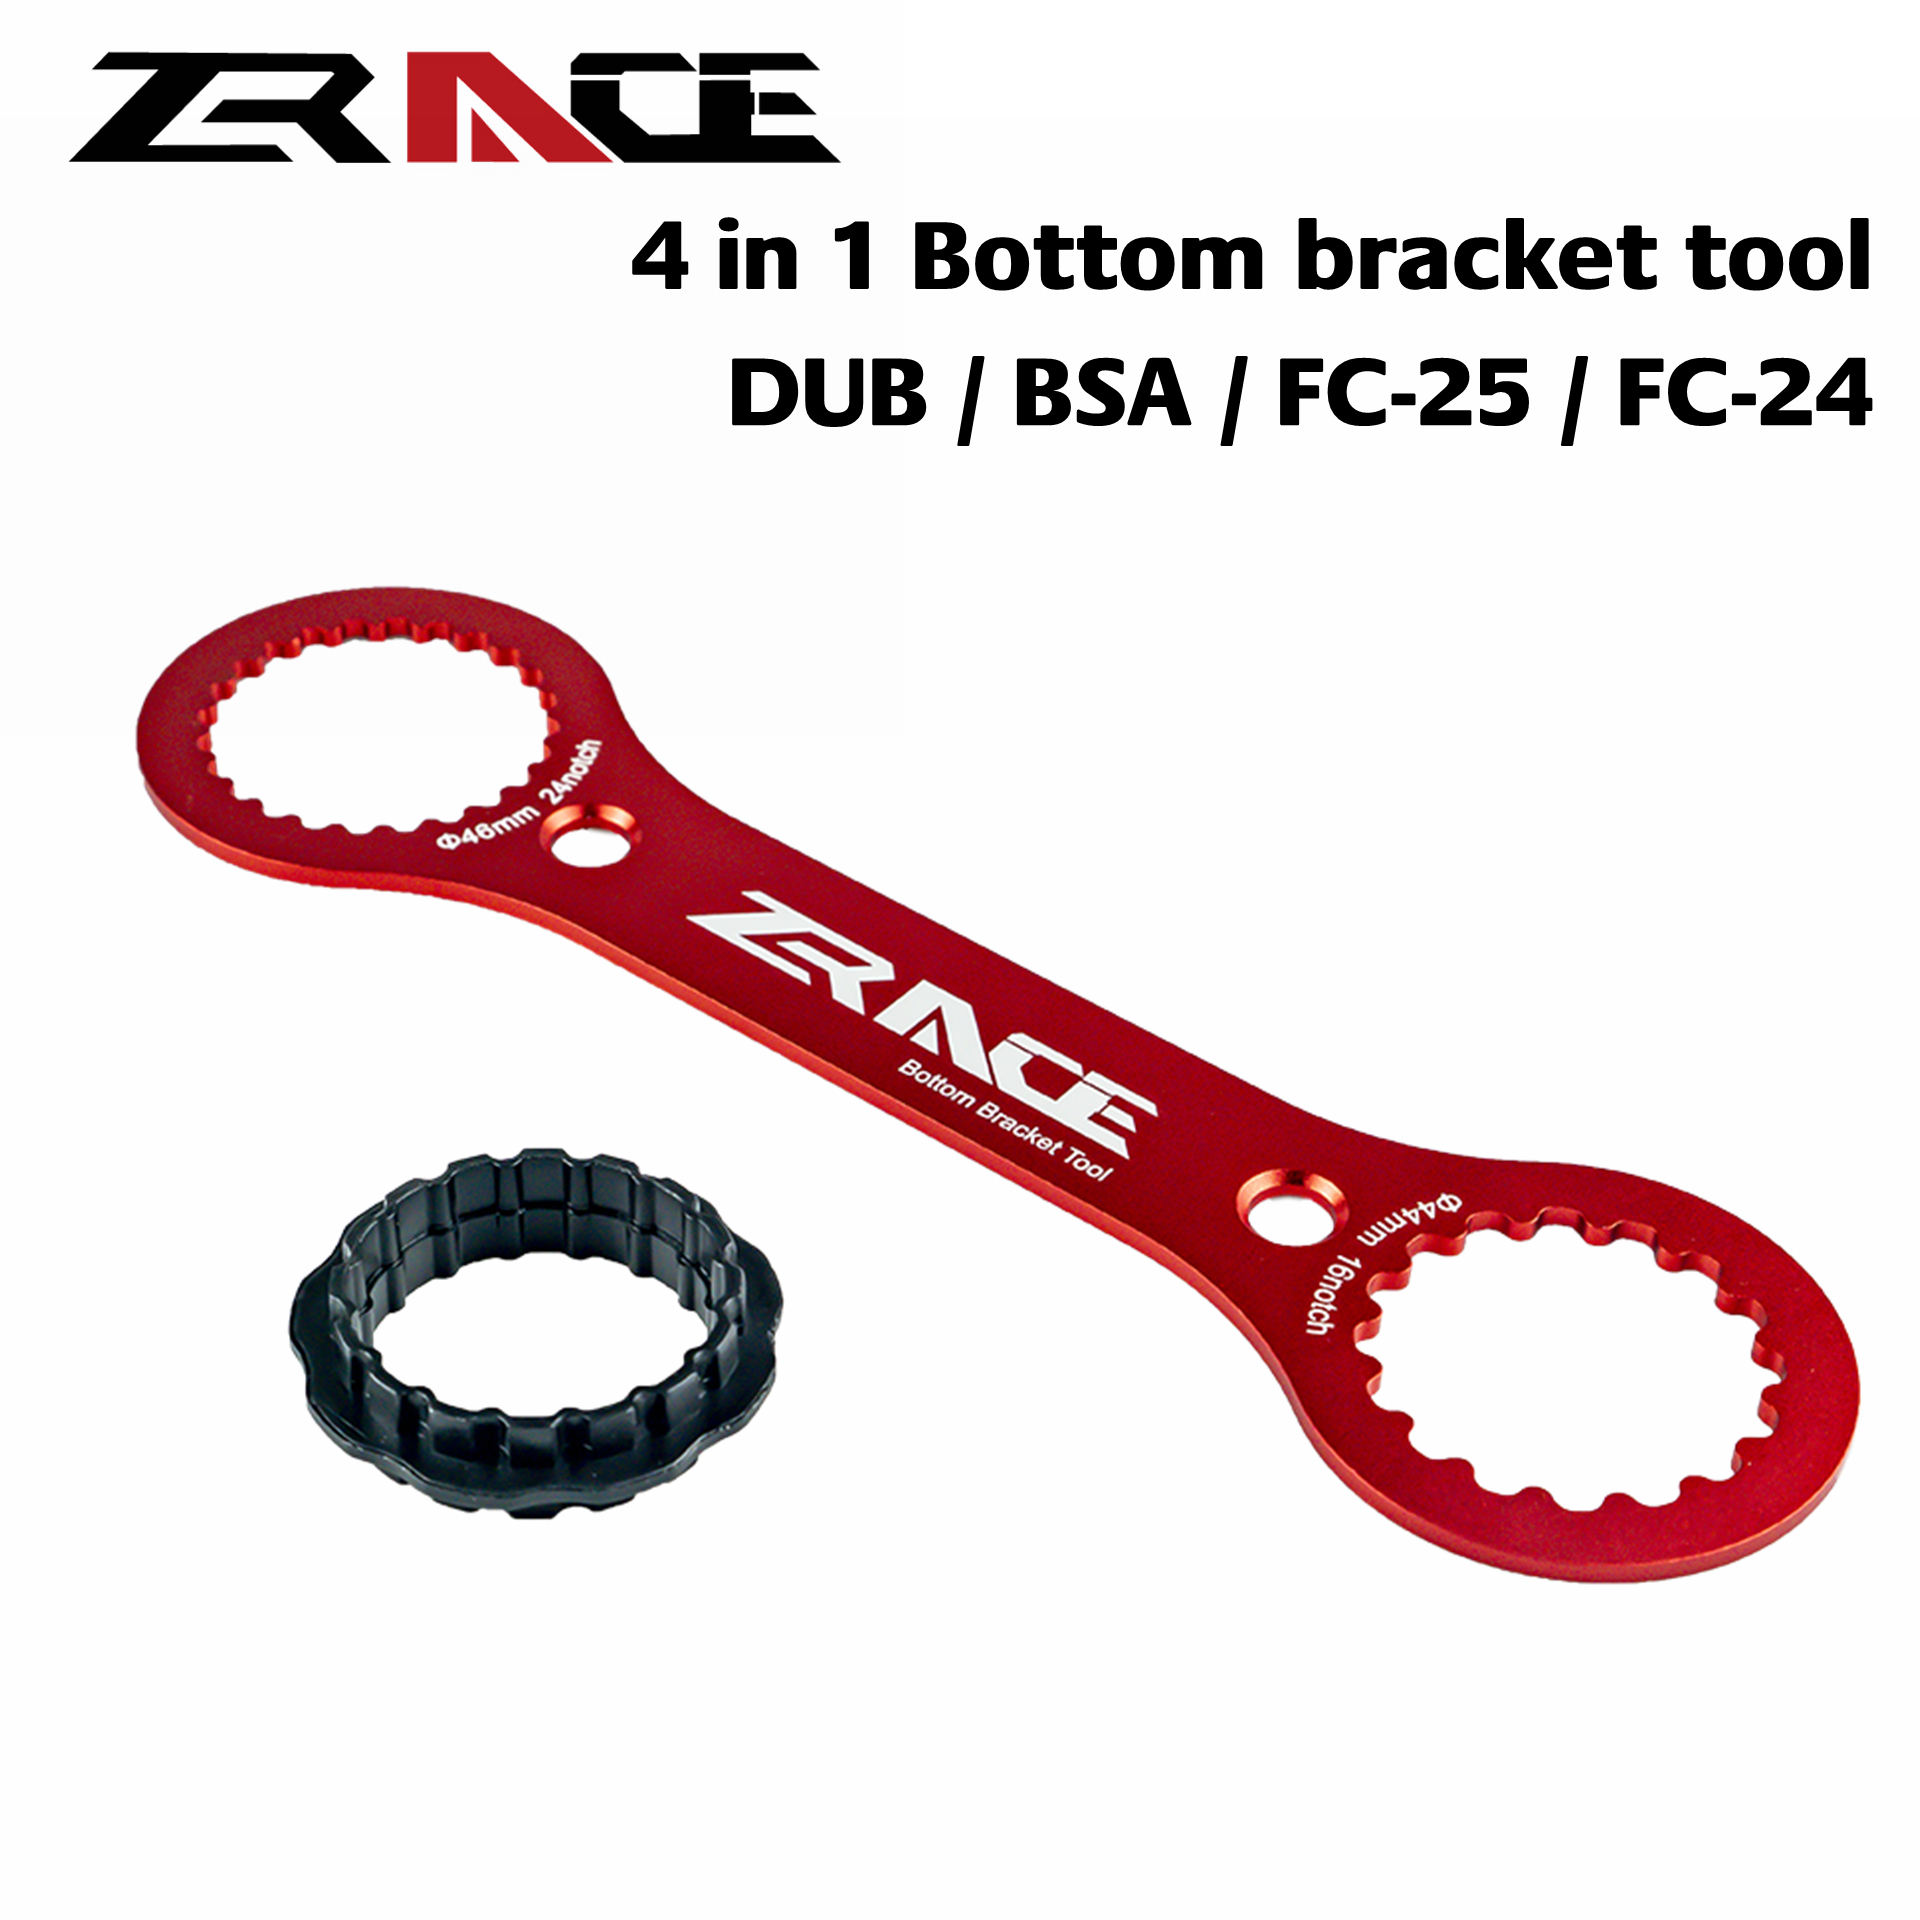 Klucz suportu ZRACE 4 w 1, kompatybilny z SRAM DUB, SHIMANO BSA/FC-25/FC-24, narzędzia do DUB-BSA CNC AL7075